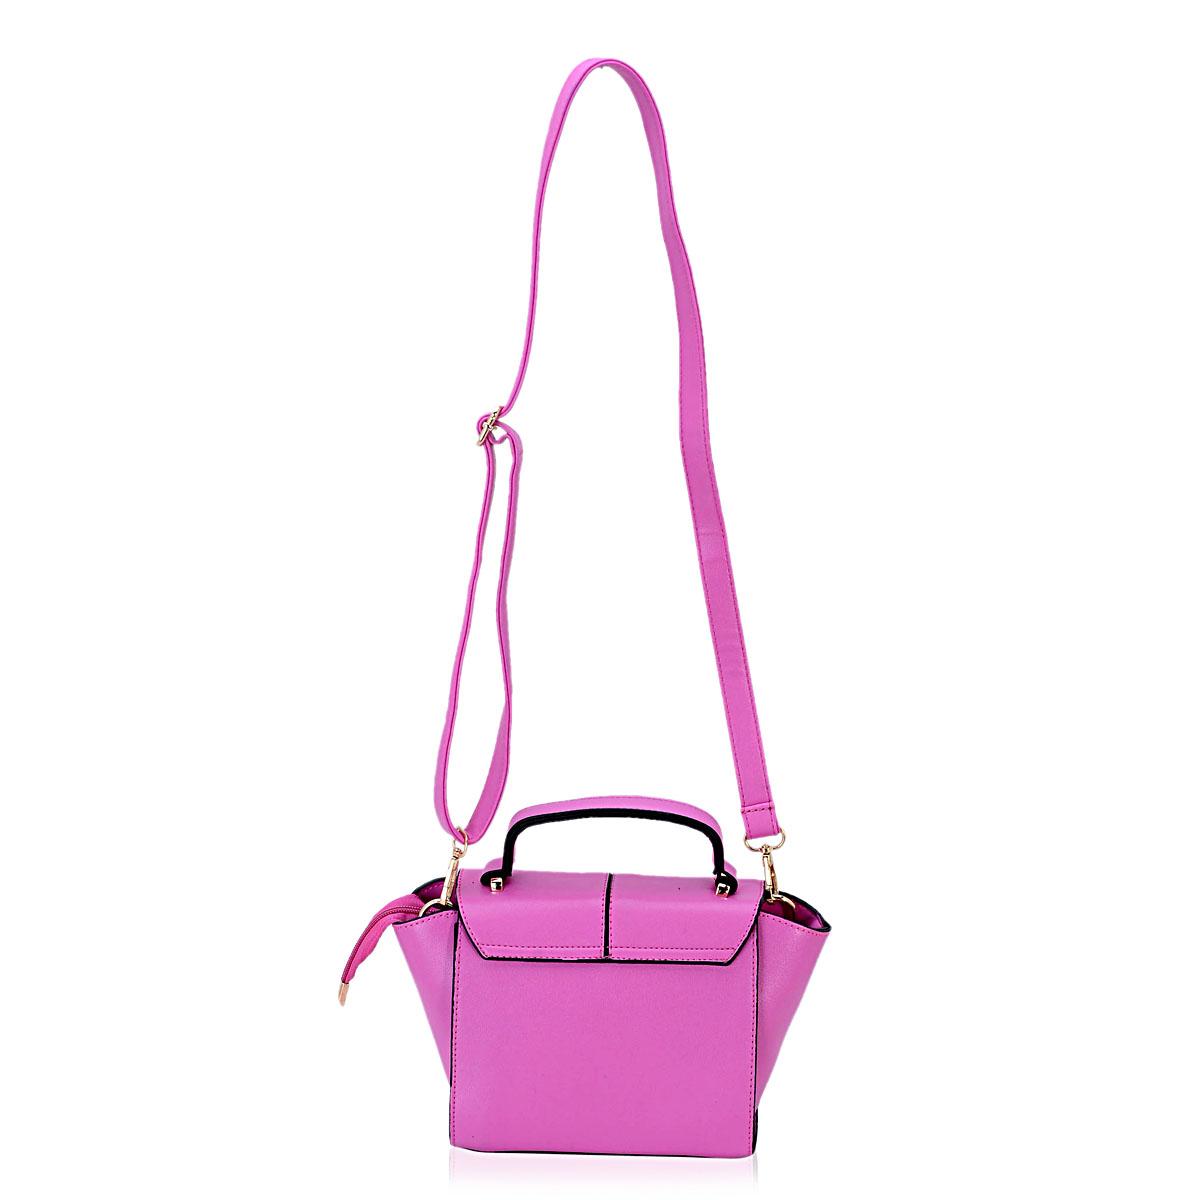 J Francis - Fuchsia Faux Leather Crossbody Bag (7x4x7 in)